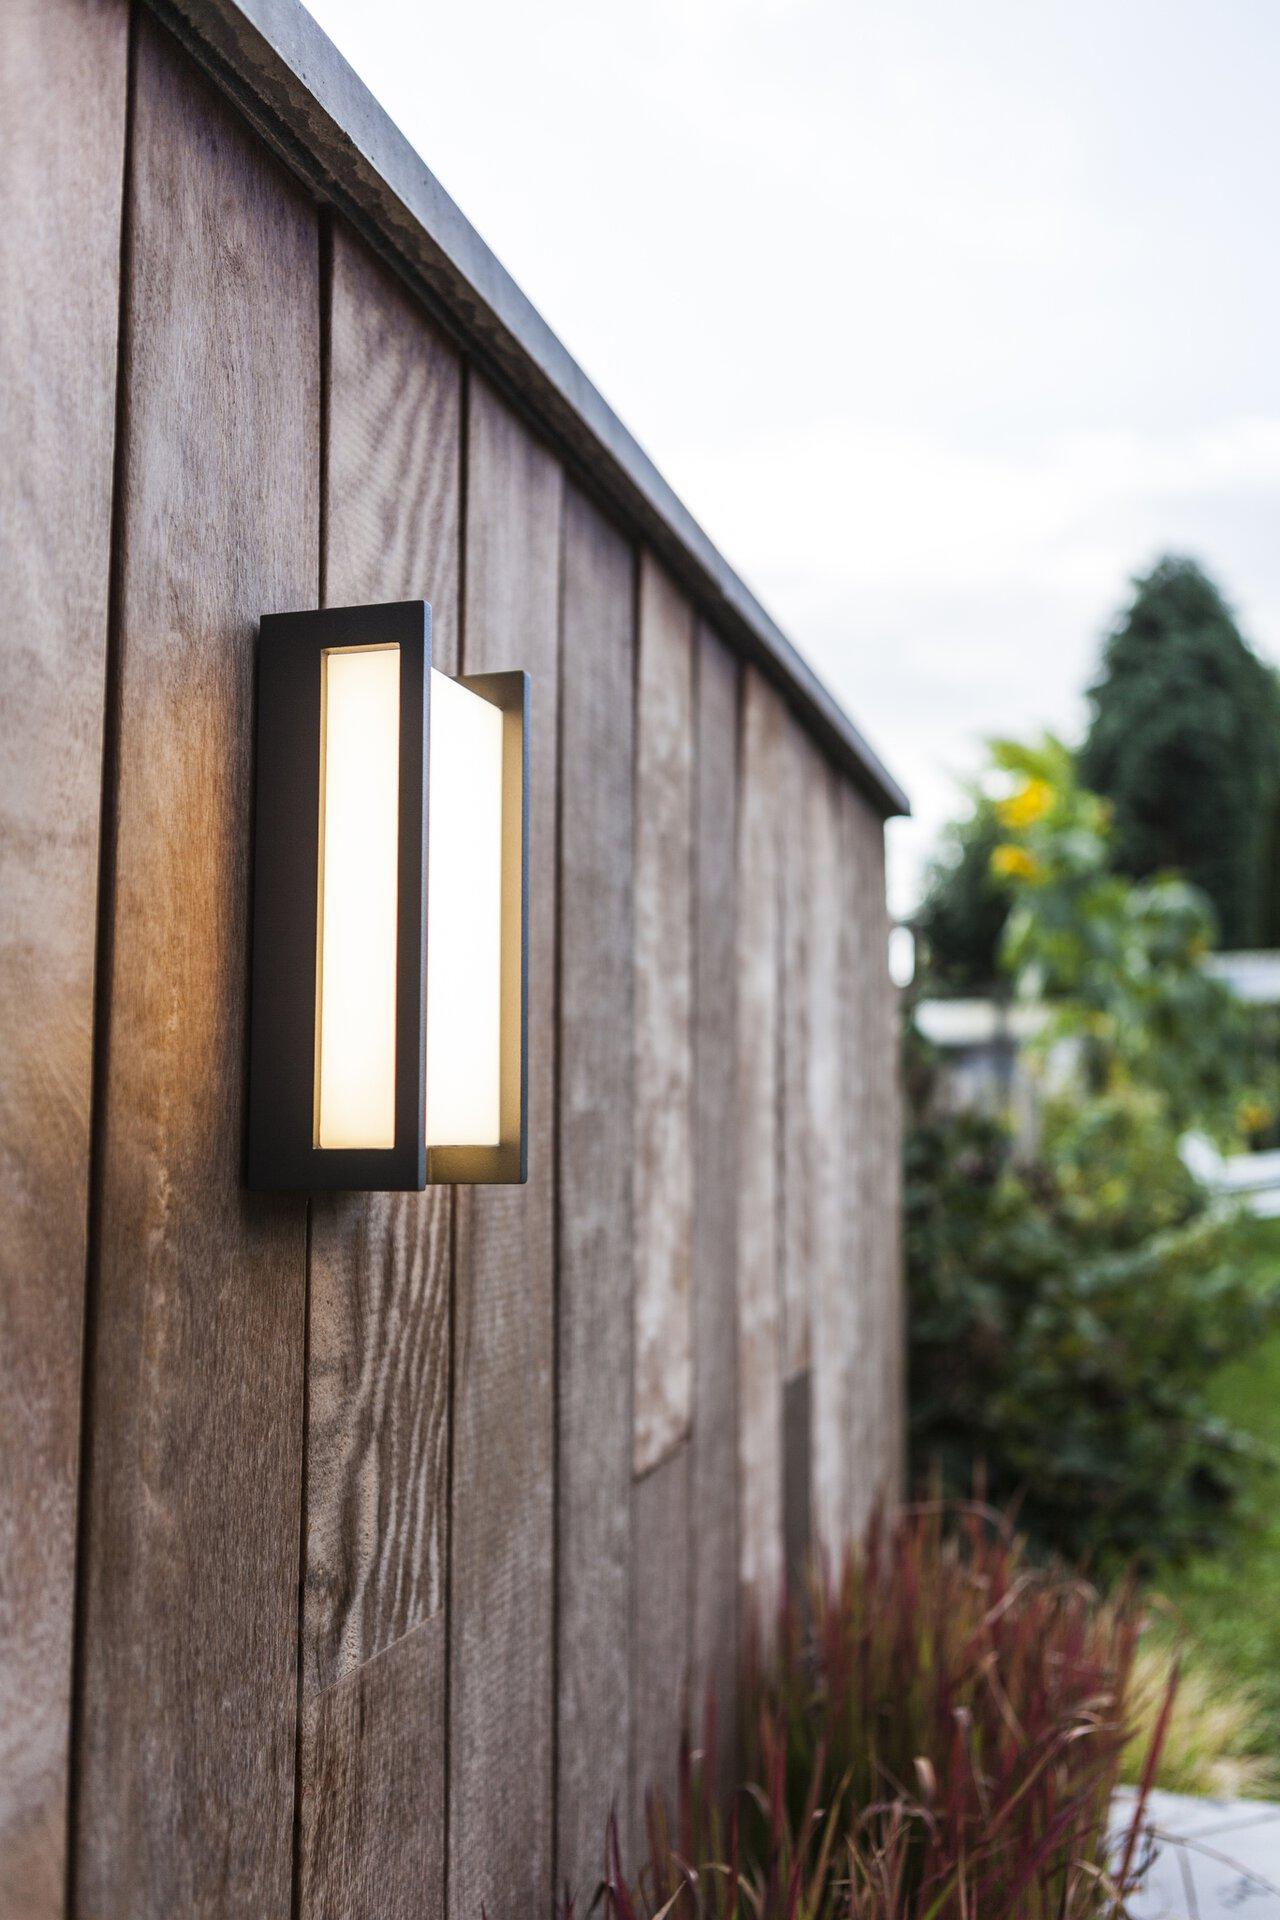 Wand-Aussenleuchte Qubo Eco-Light Metall 11 x 22 x 7 cm